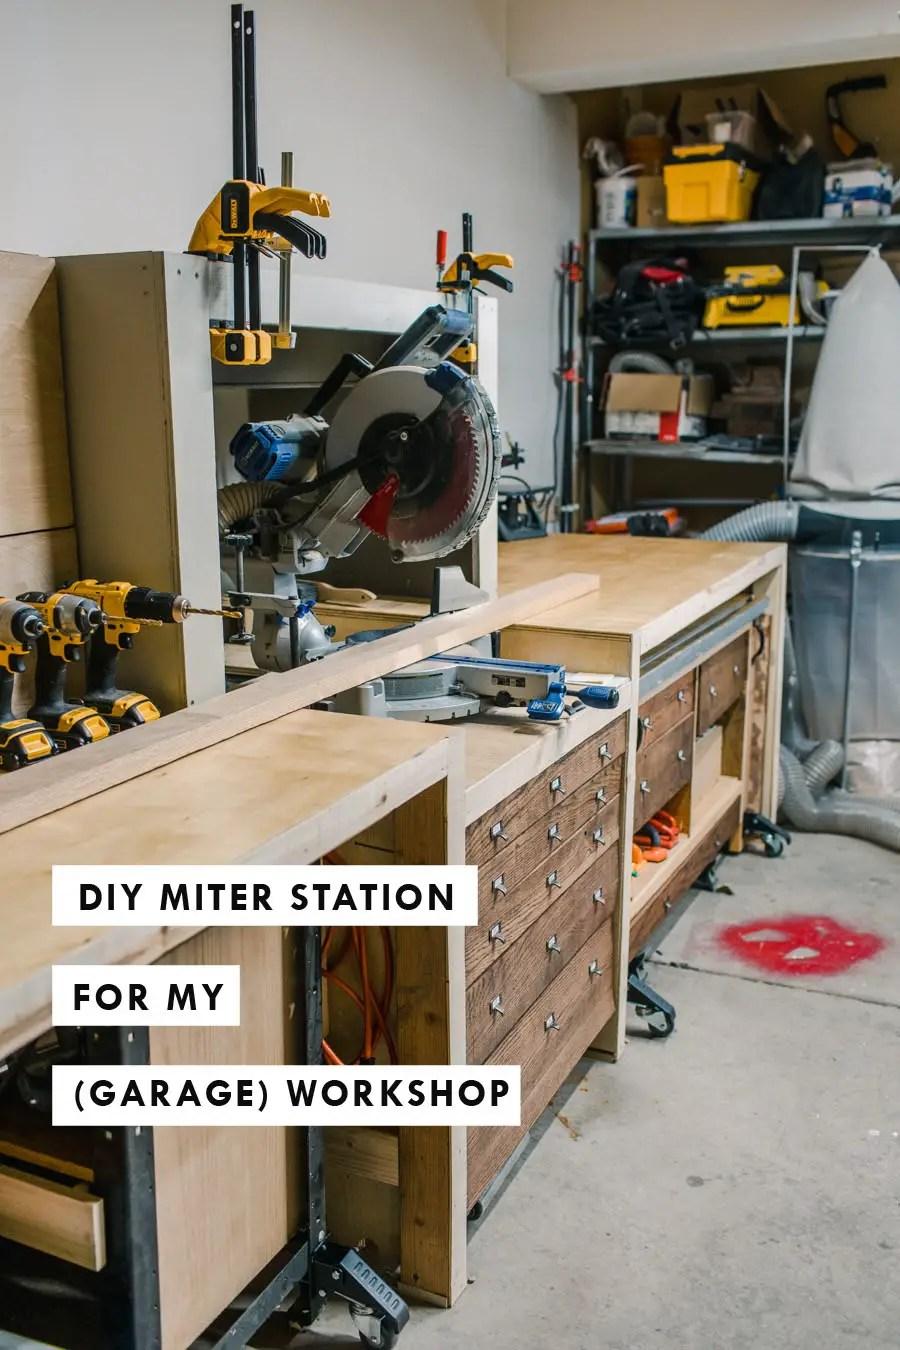 DIY Miter Station for my Garage Workshop